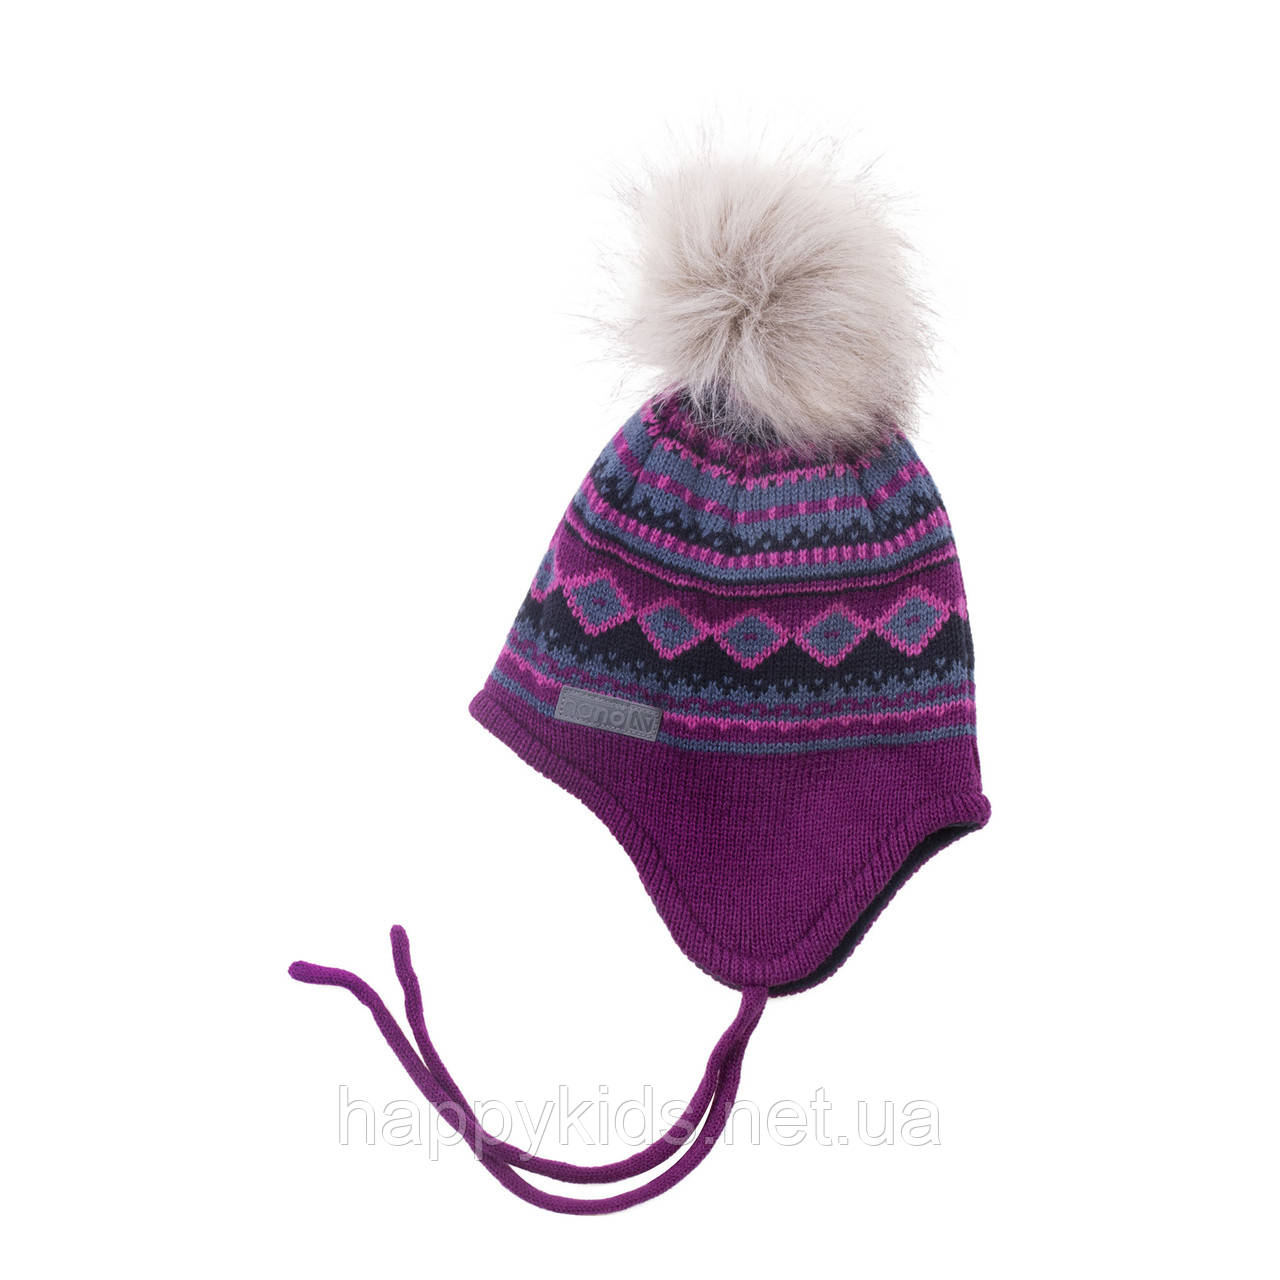 Зимняя детская шапка для девочки Nano F18 TU 262 Eggplant. Размеры 2/4 и 5/6X.